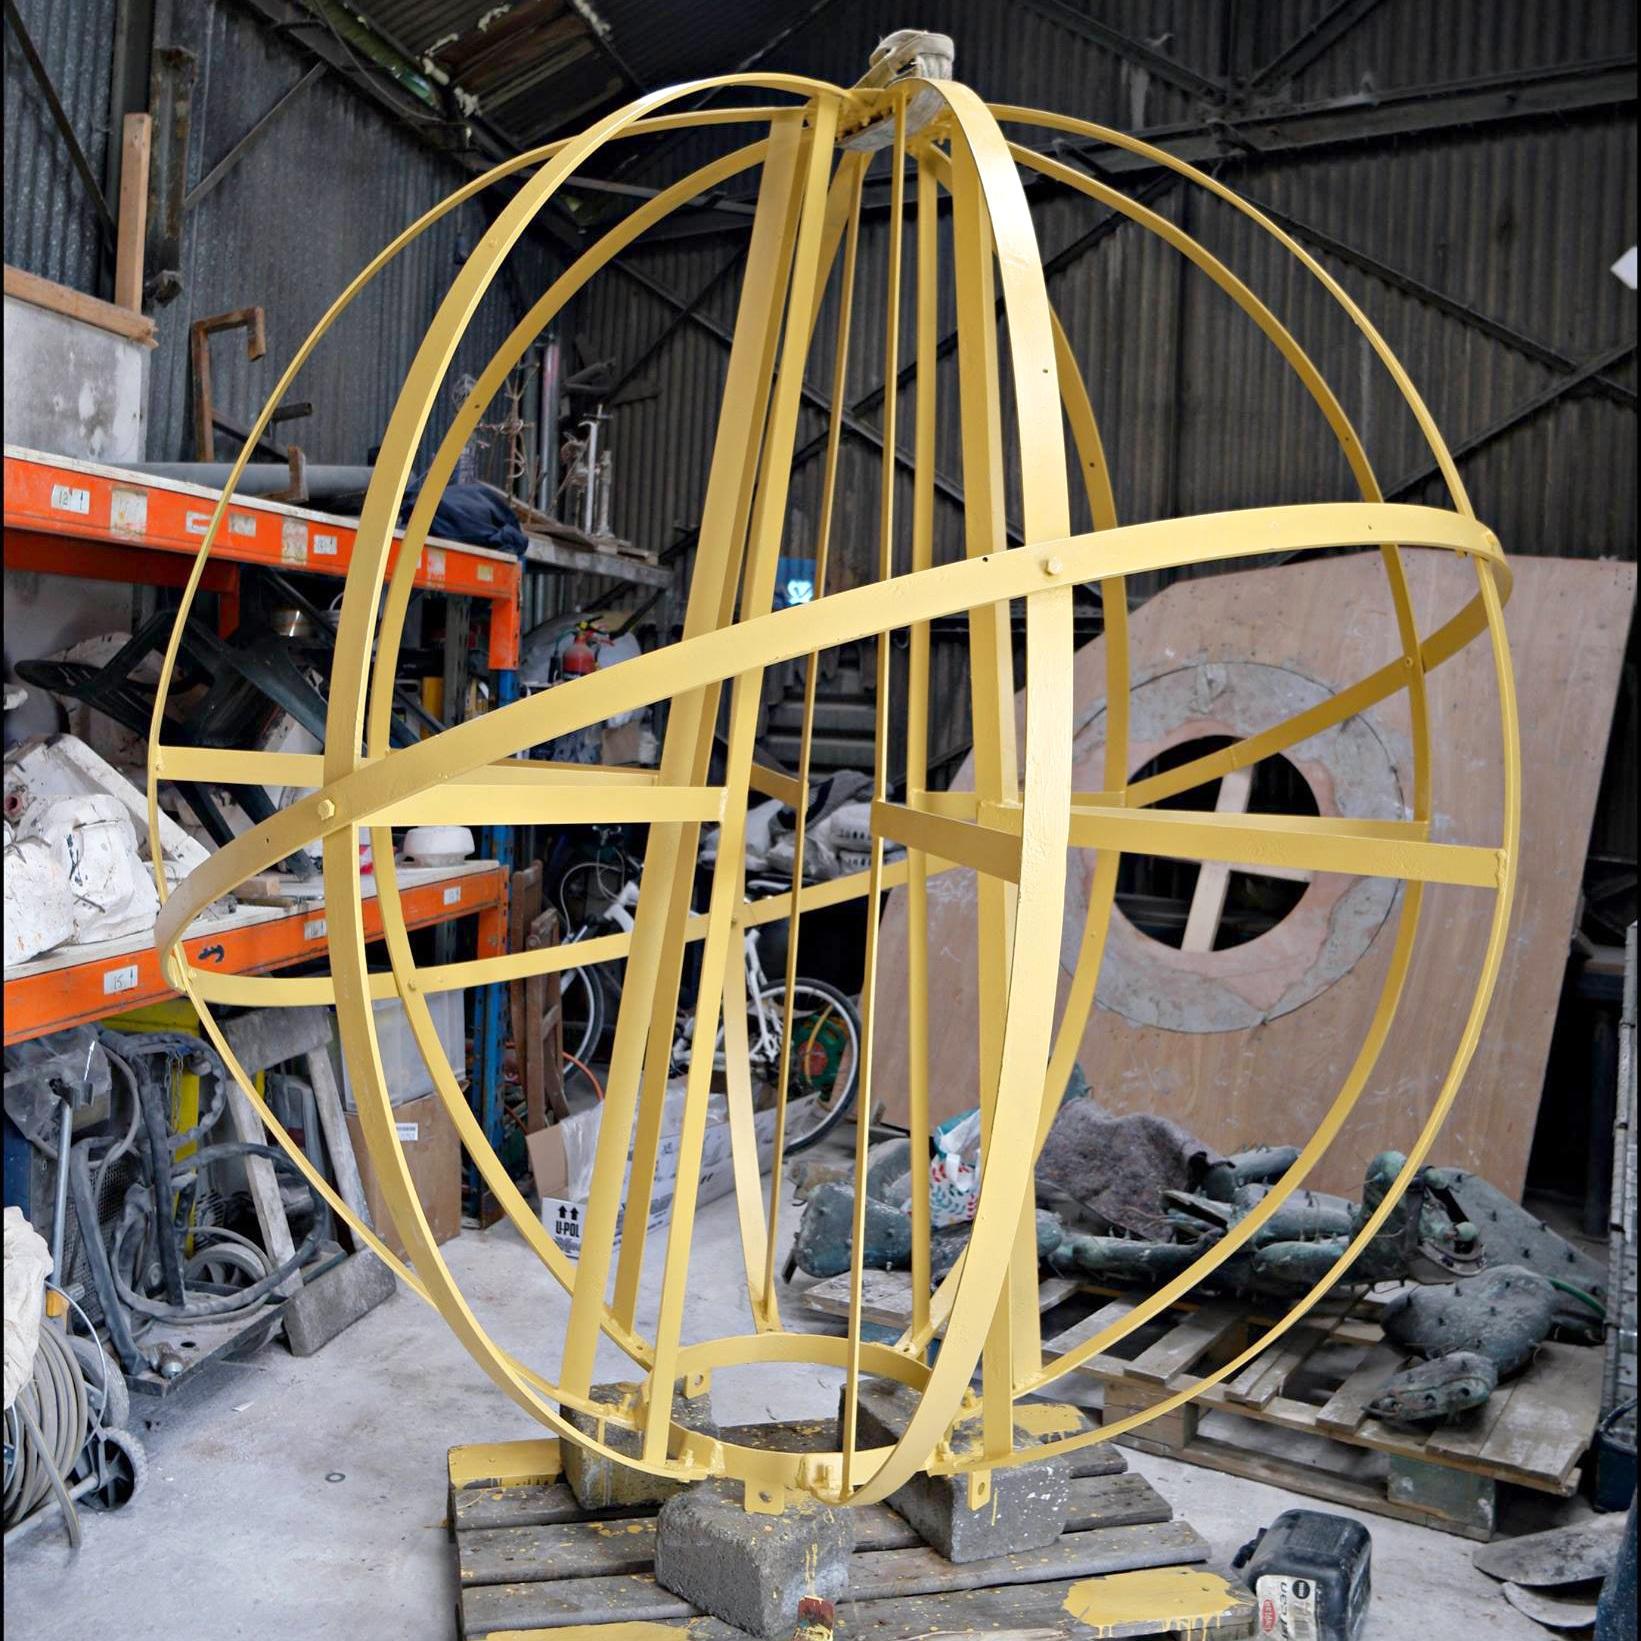 forsyth_globe_restoration_01original.jpg